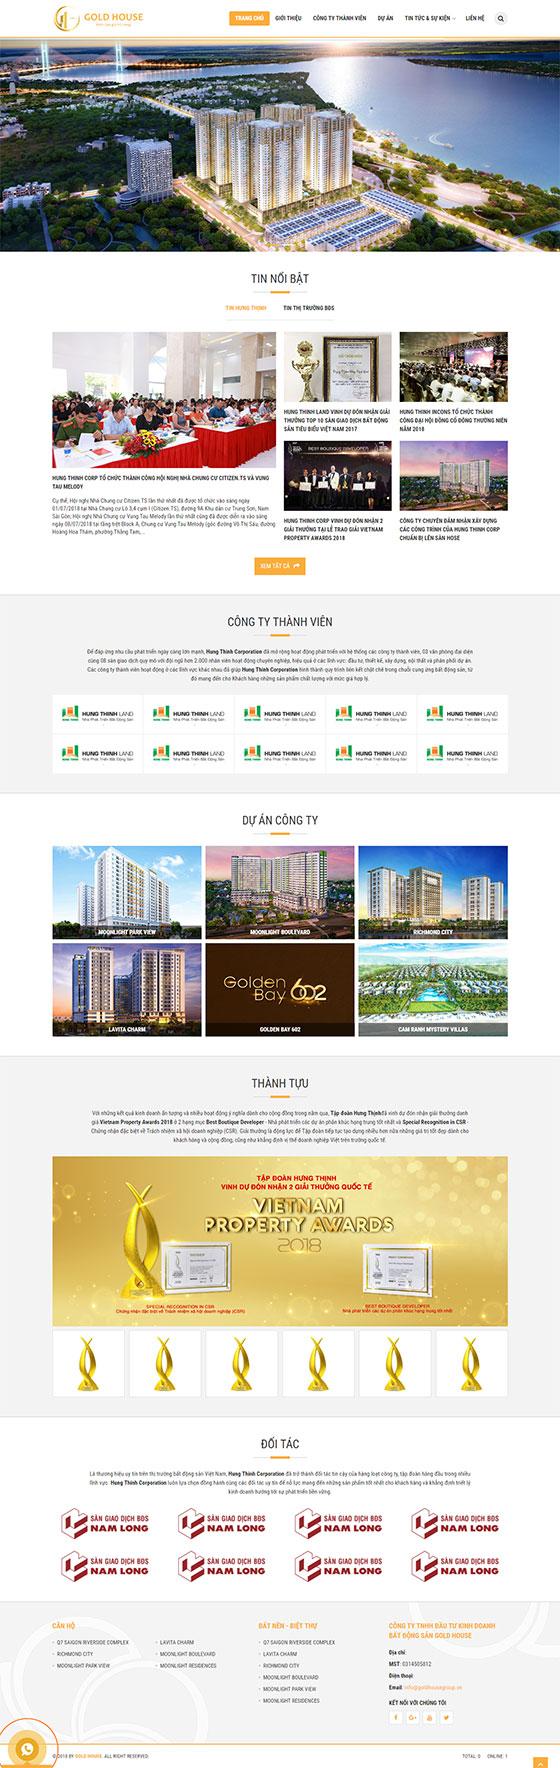 Trang chủ mẫu website bất động sản 04